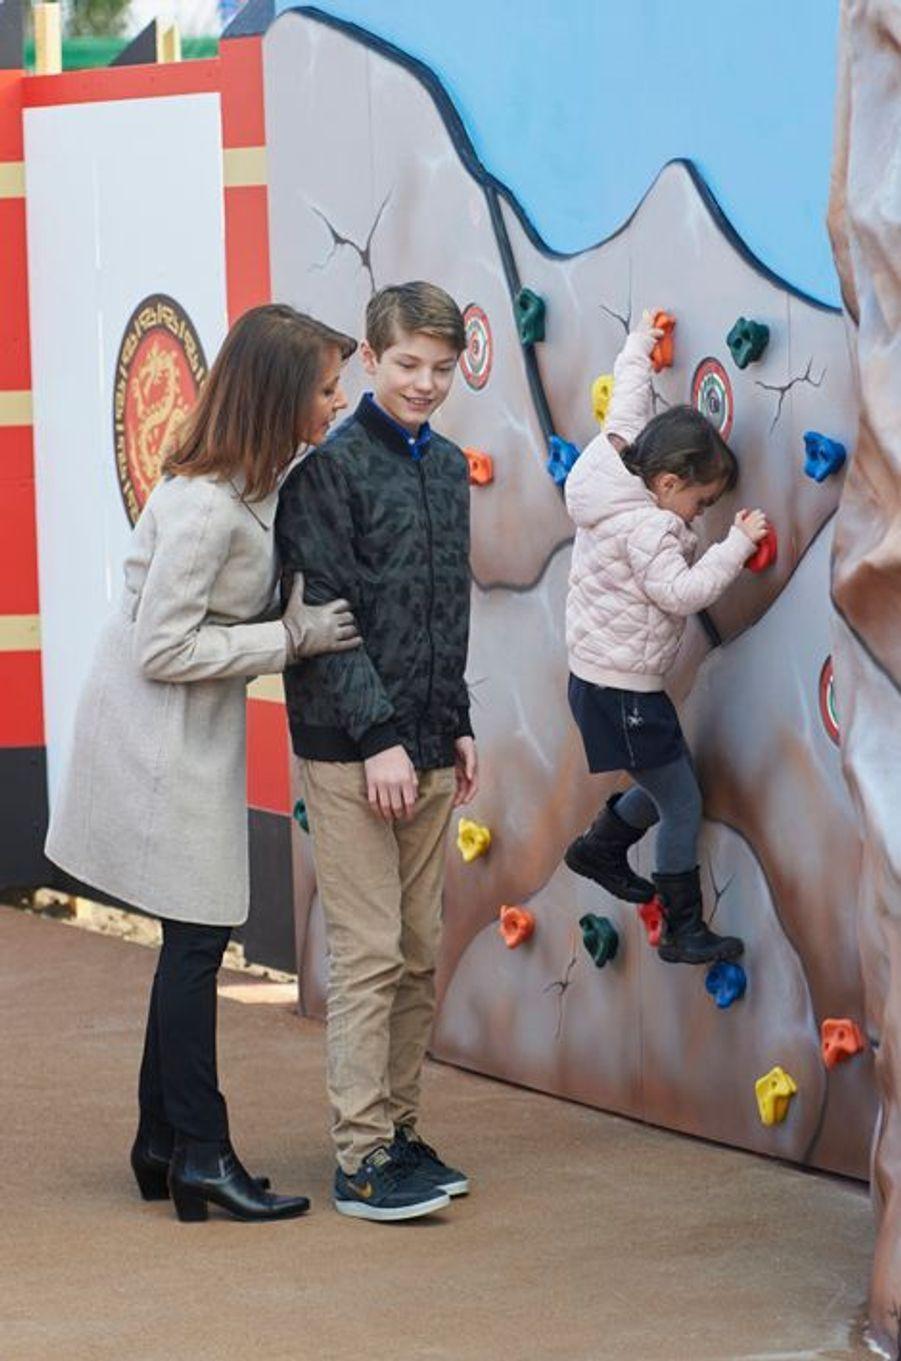 Les princesses Marie et Athena et le prince Félix de Danemark au Legoland de Billund, le 19 mars 2016